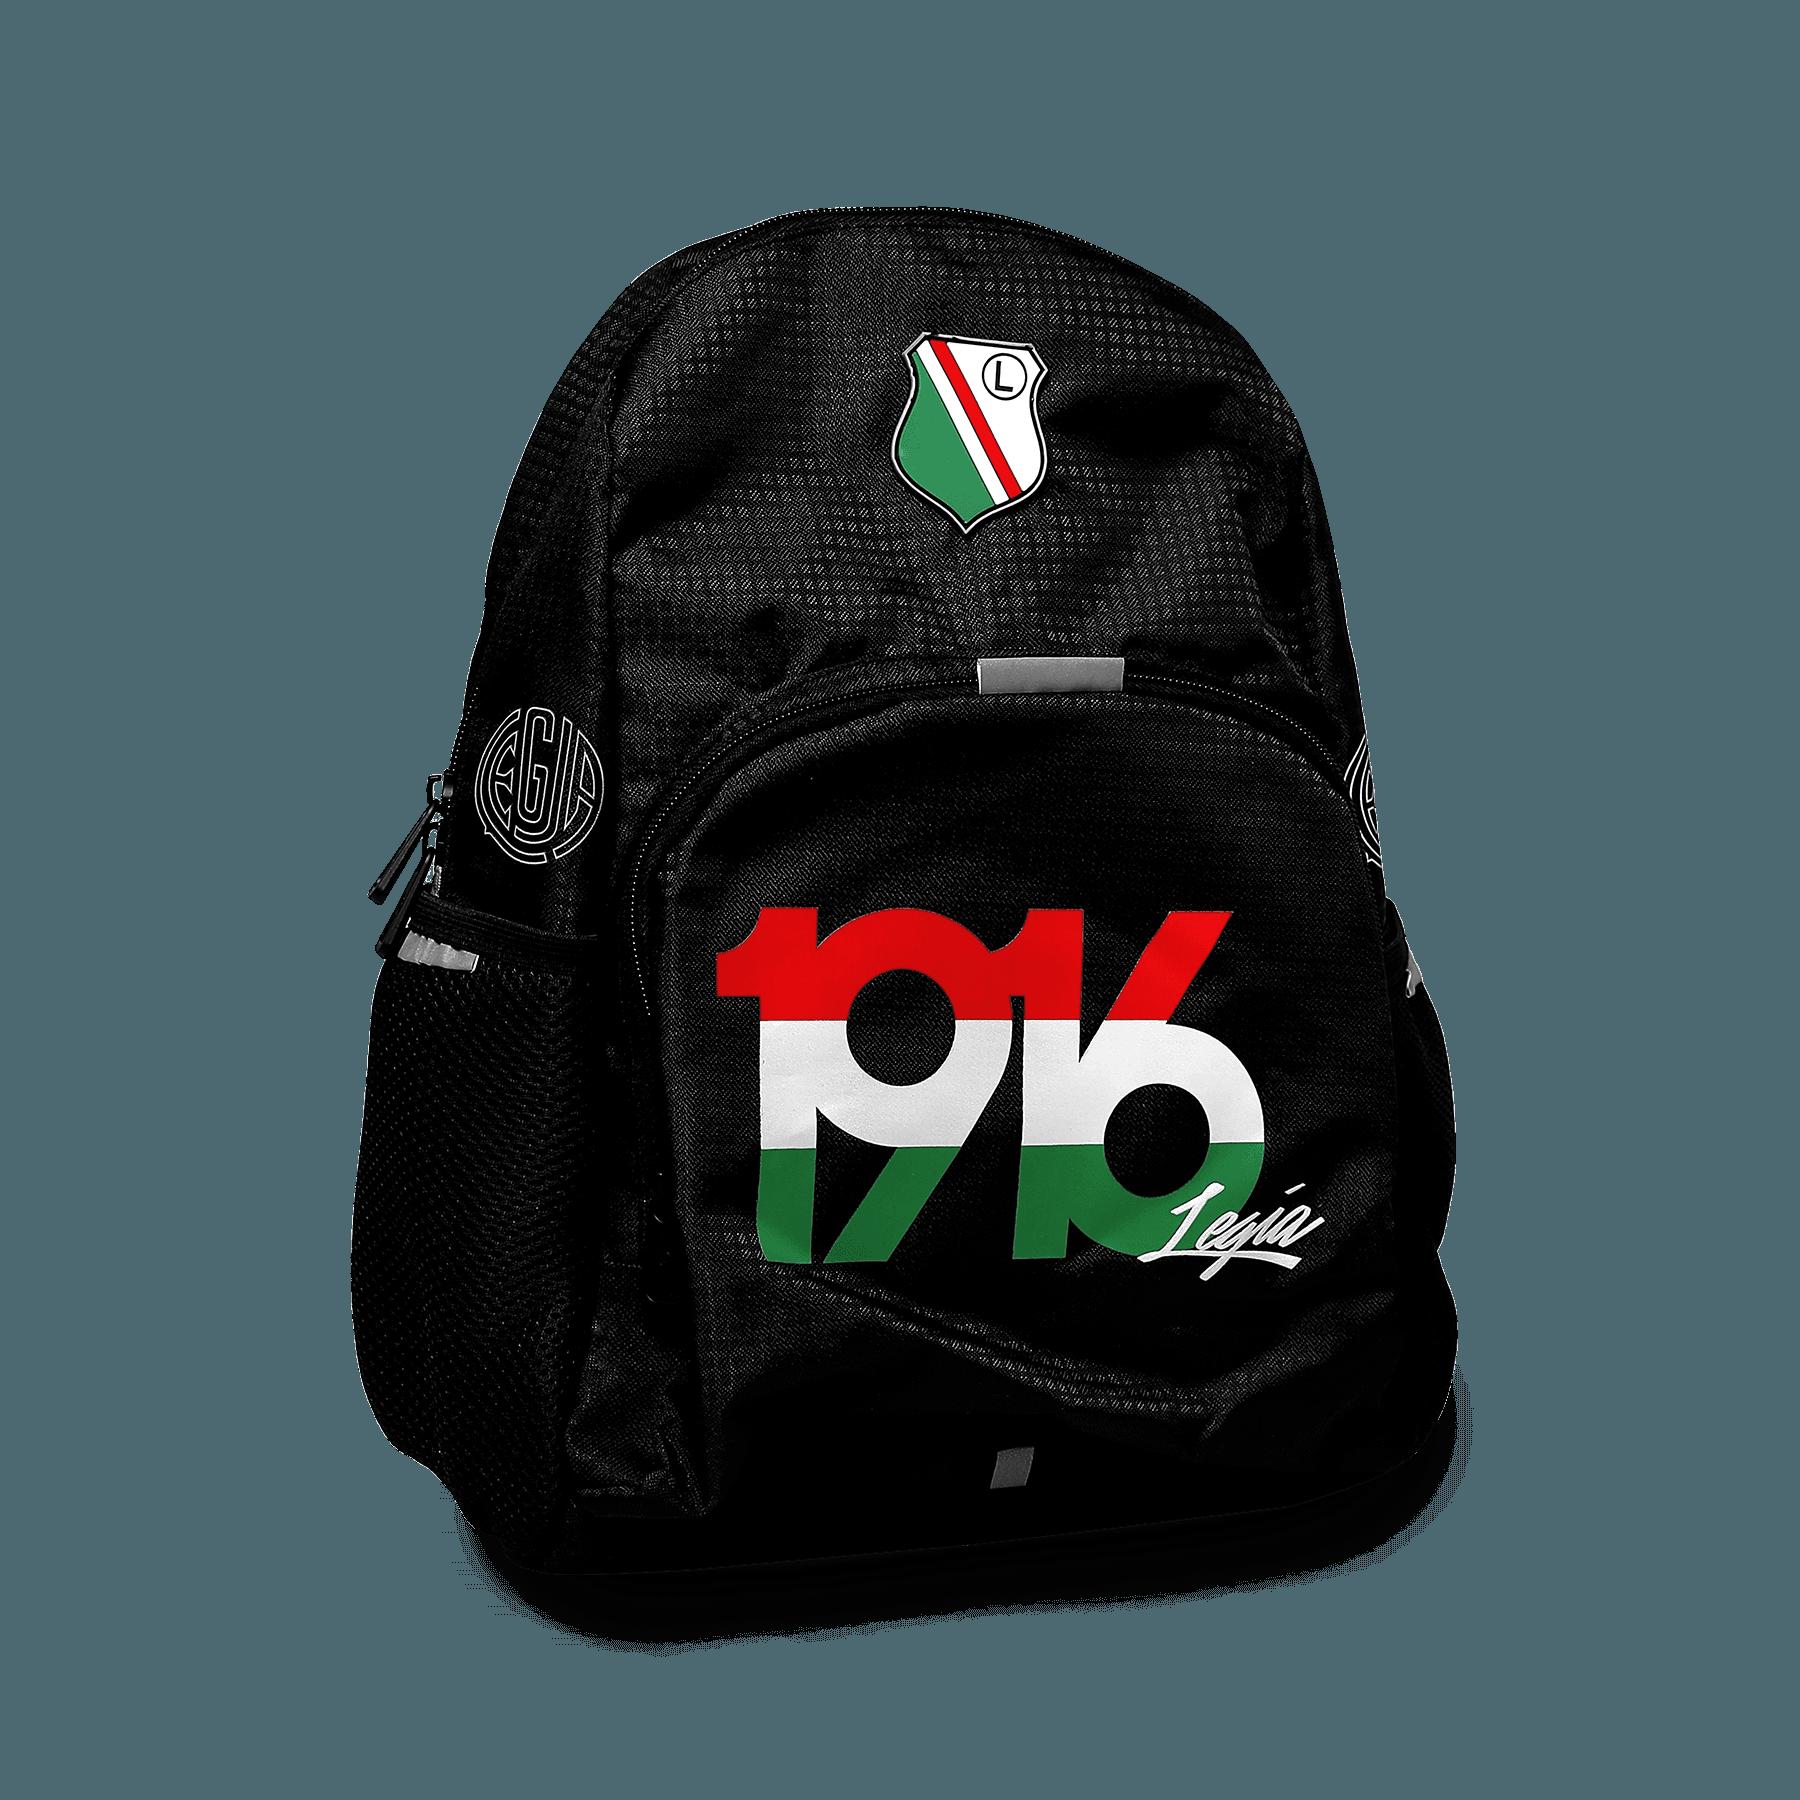 8d4c6b88b0187 Akcesoria :: Codzienne :: Torby i plecaki :: Plecak wycieczkowy ...